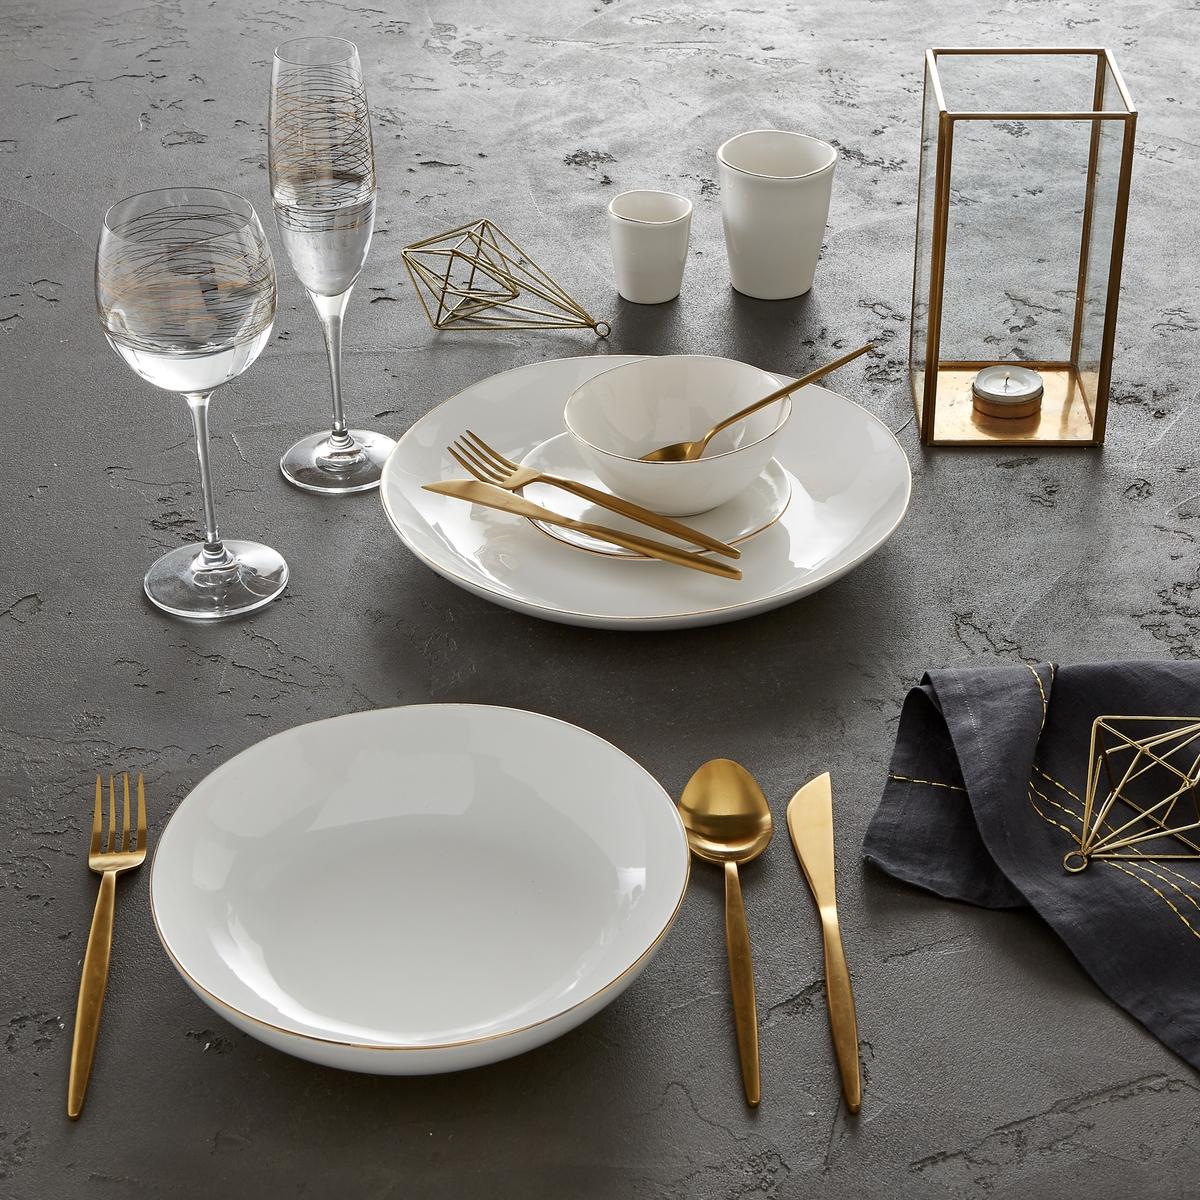 Комплект из 4 мисок из фаянса Catalpa4 миски Catalpa. Элегантная и неподвластная времени посуда из фаянса, покрытого белой глазурью, с тонкой каймой золотистого цвета. Органичная форма и неравномерные контуры придают этим тарелкам нотку оригинальности . Сделано в Португалии. - Размеры : диаметр 12 x высота 5,5 см . - Подходят для мытья в посудомоечной машине.<br><br>Цвет: золотисто-белый